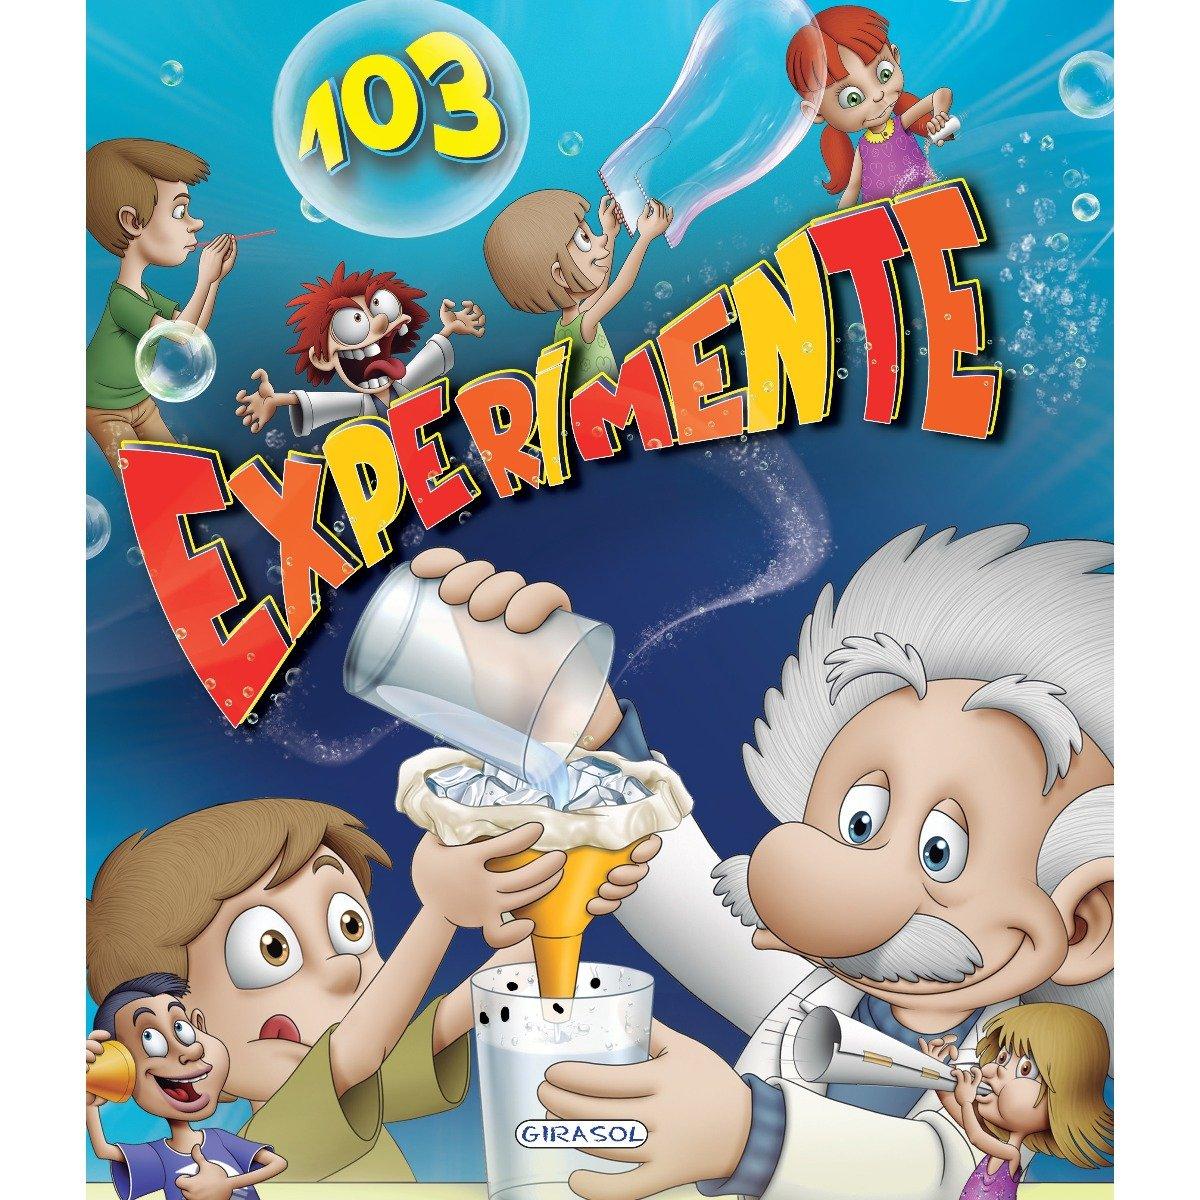 Carte Girasol - 103 experimente